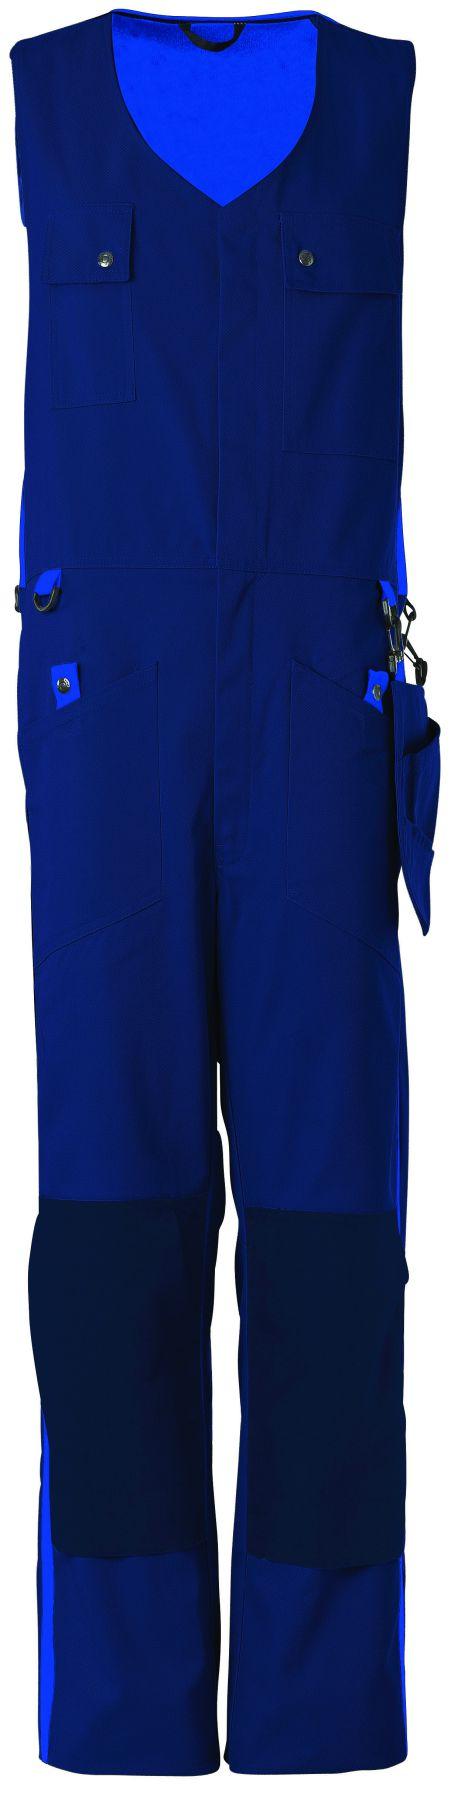 HaVeP Workwear/Protective wear Bodybroek 2706